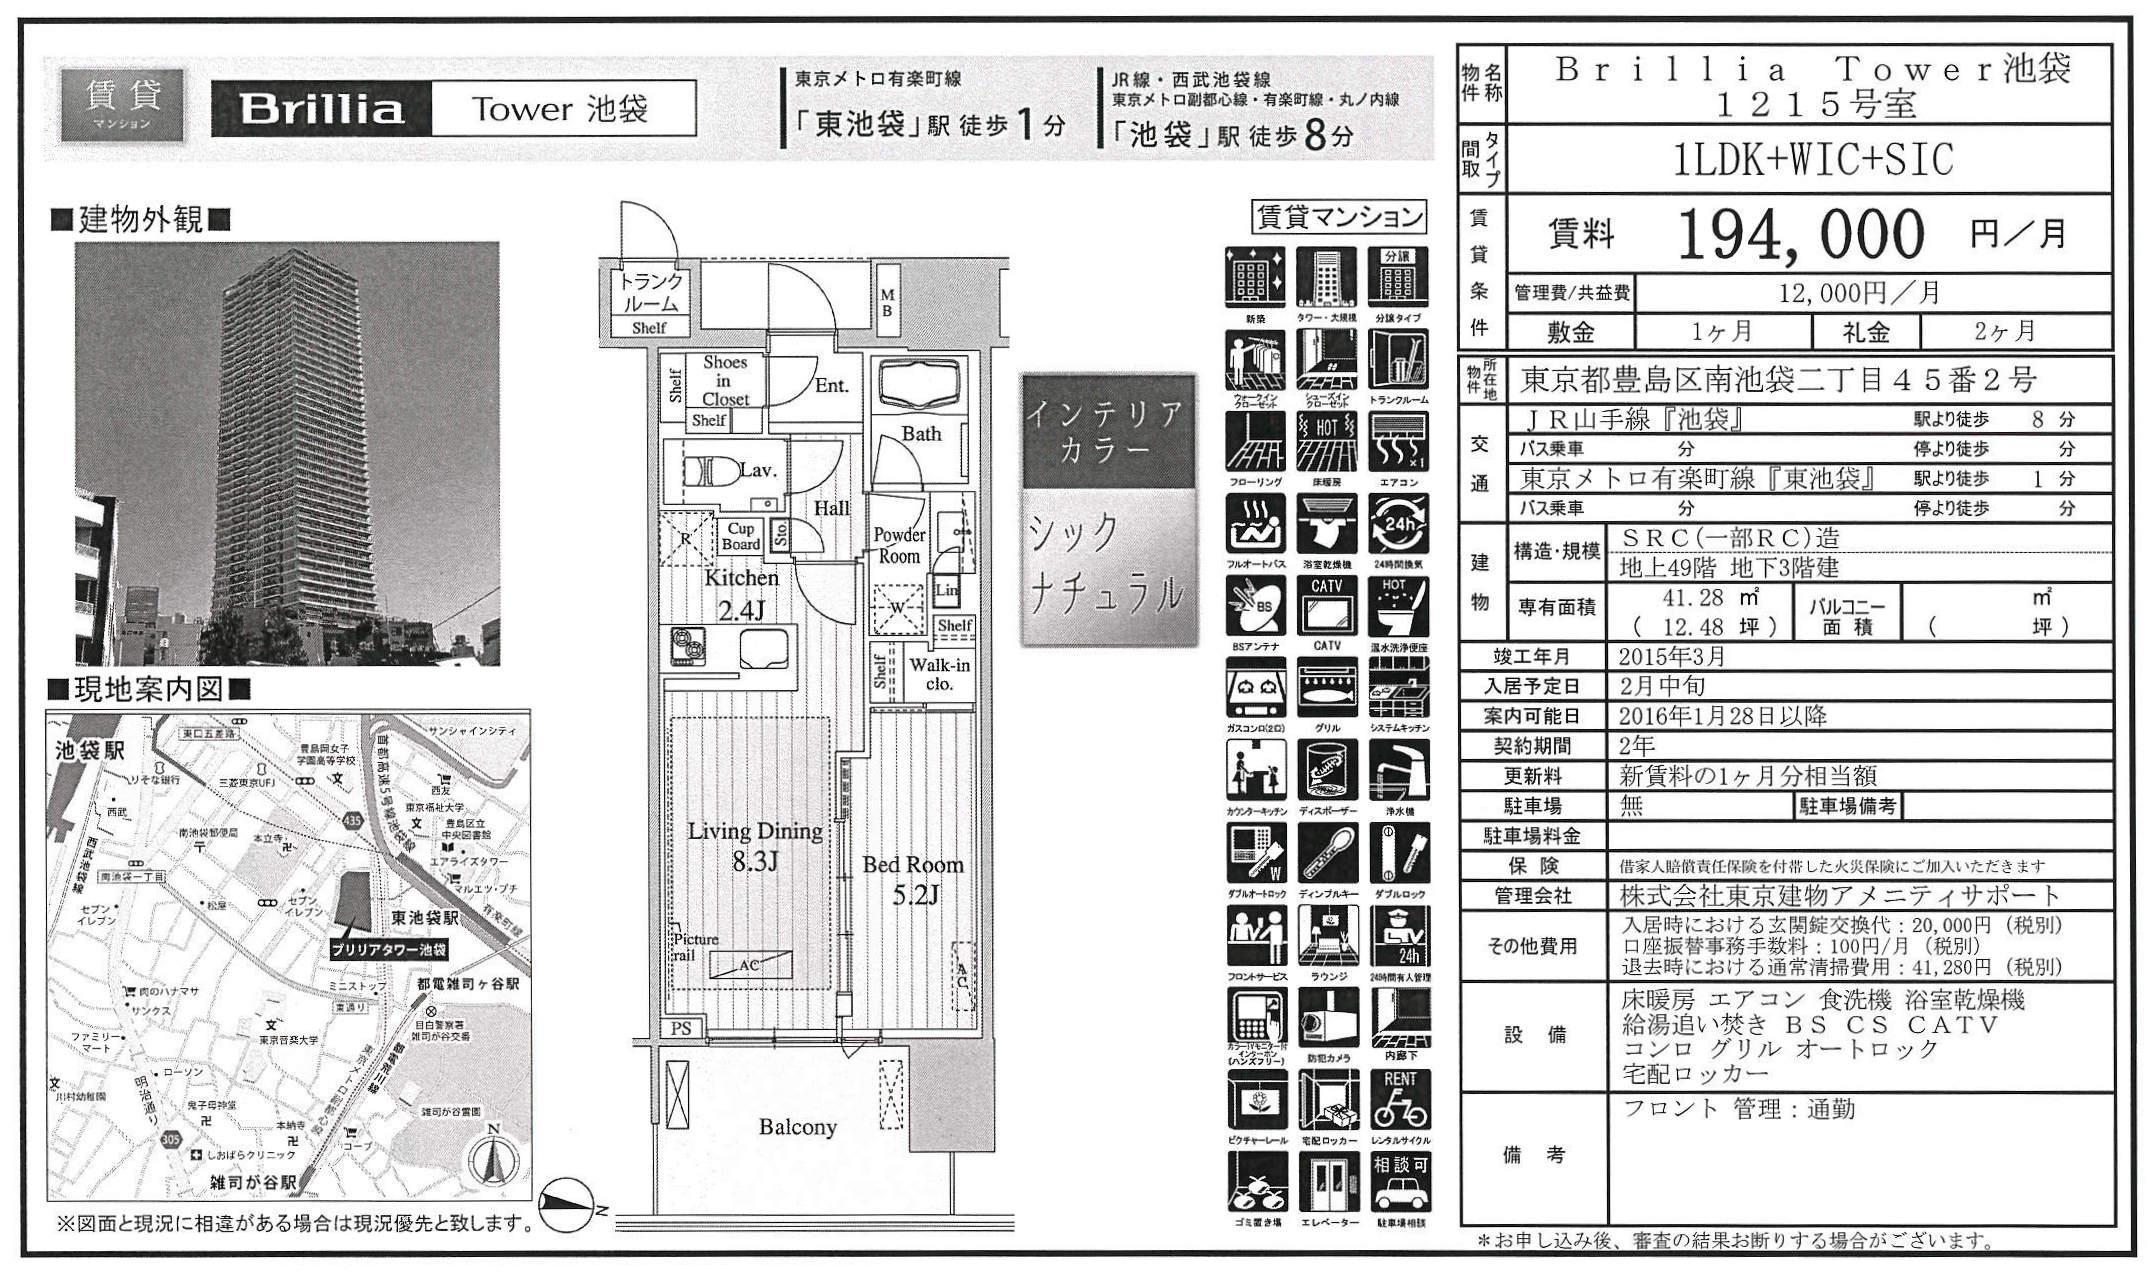 ブリリアタワー池袋図面1215号室